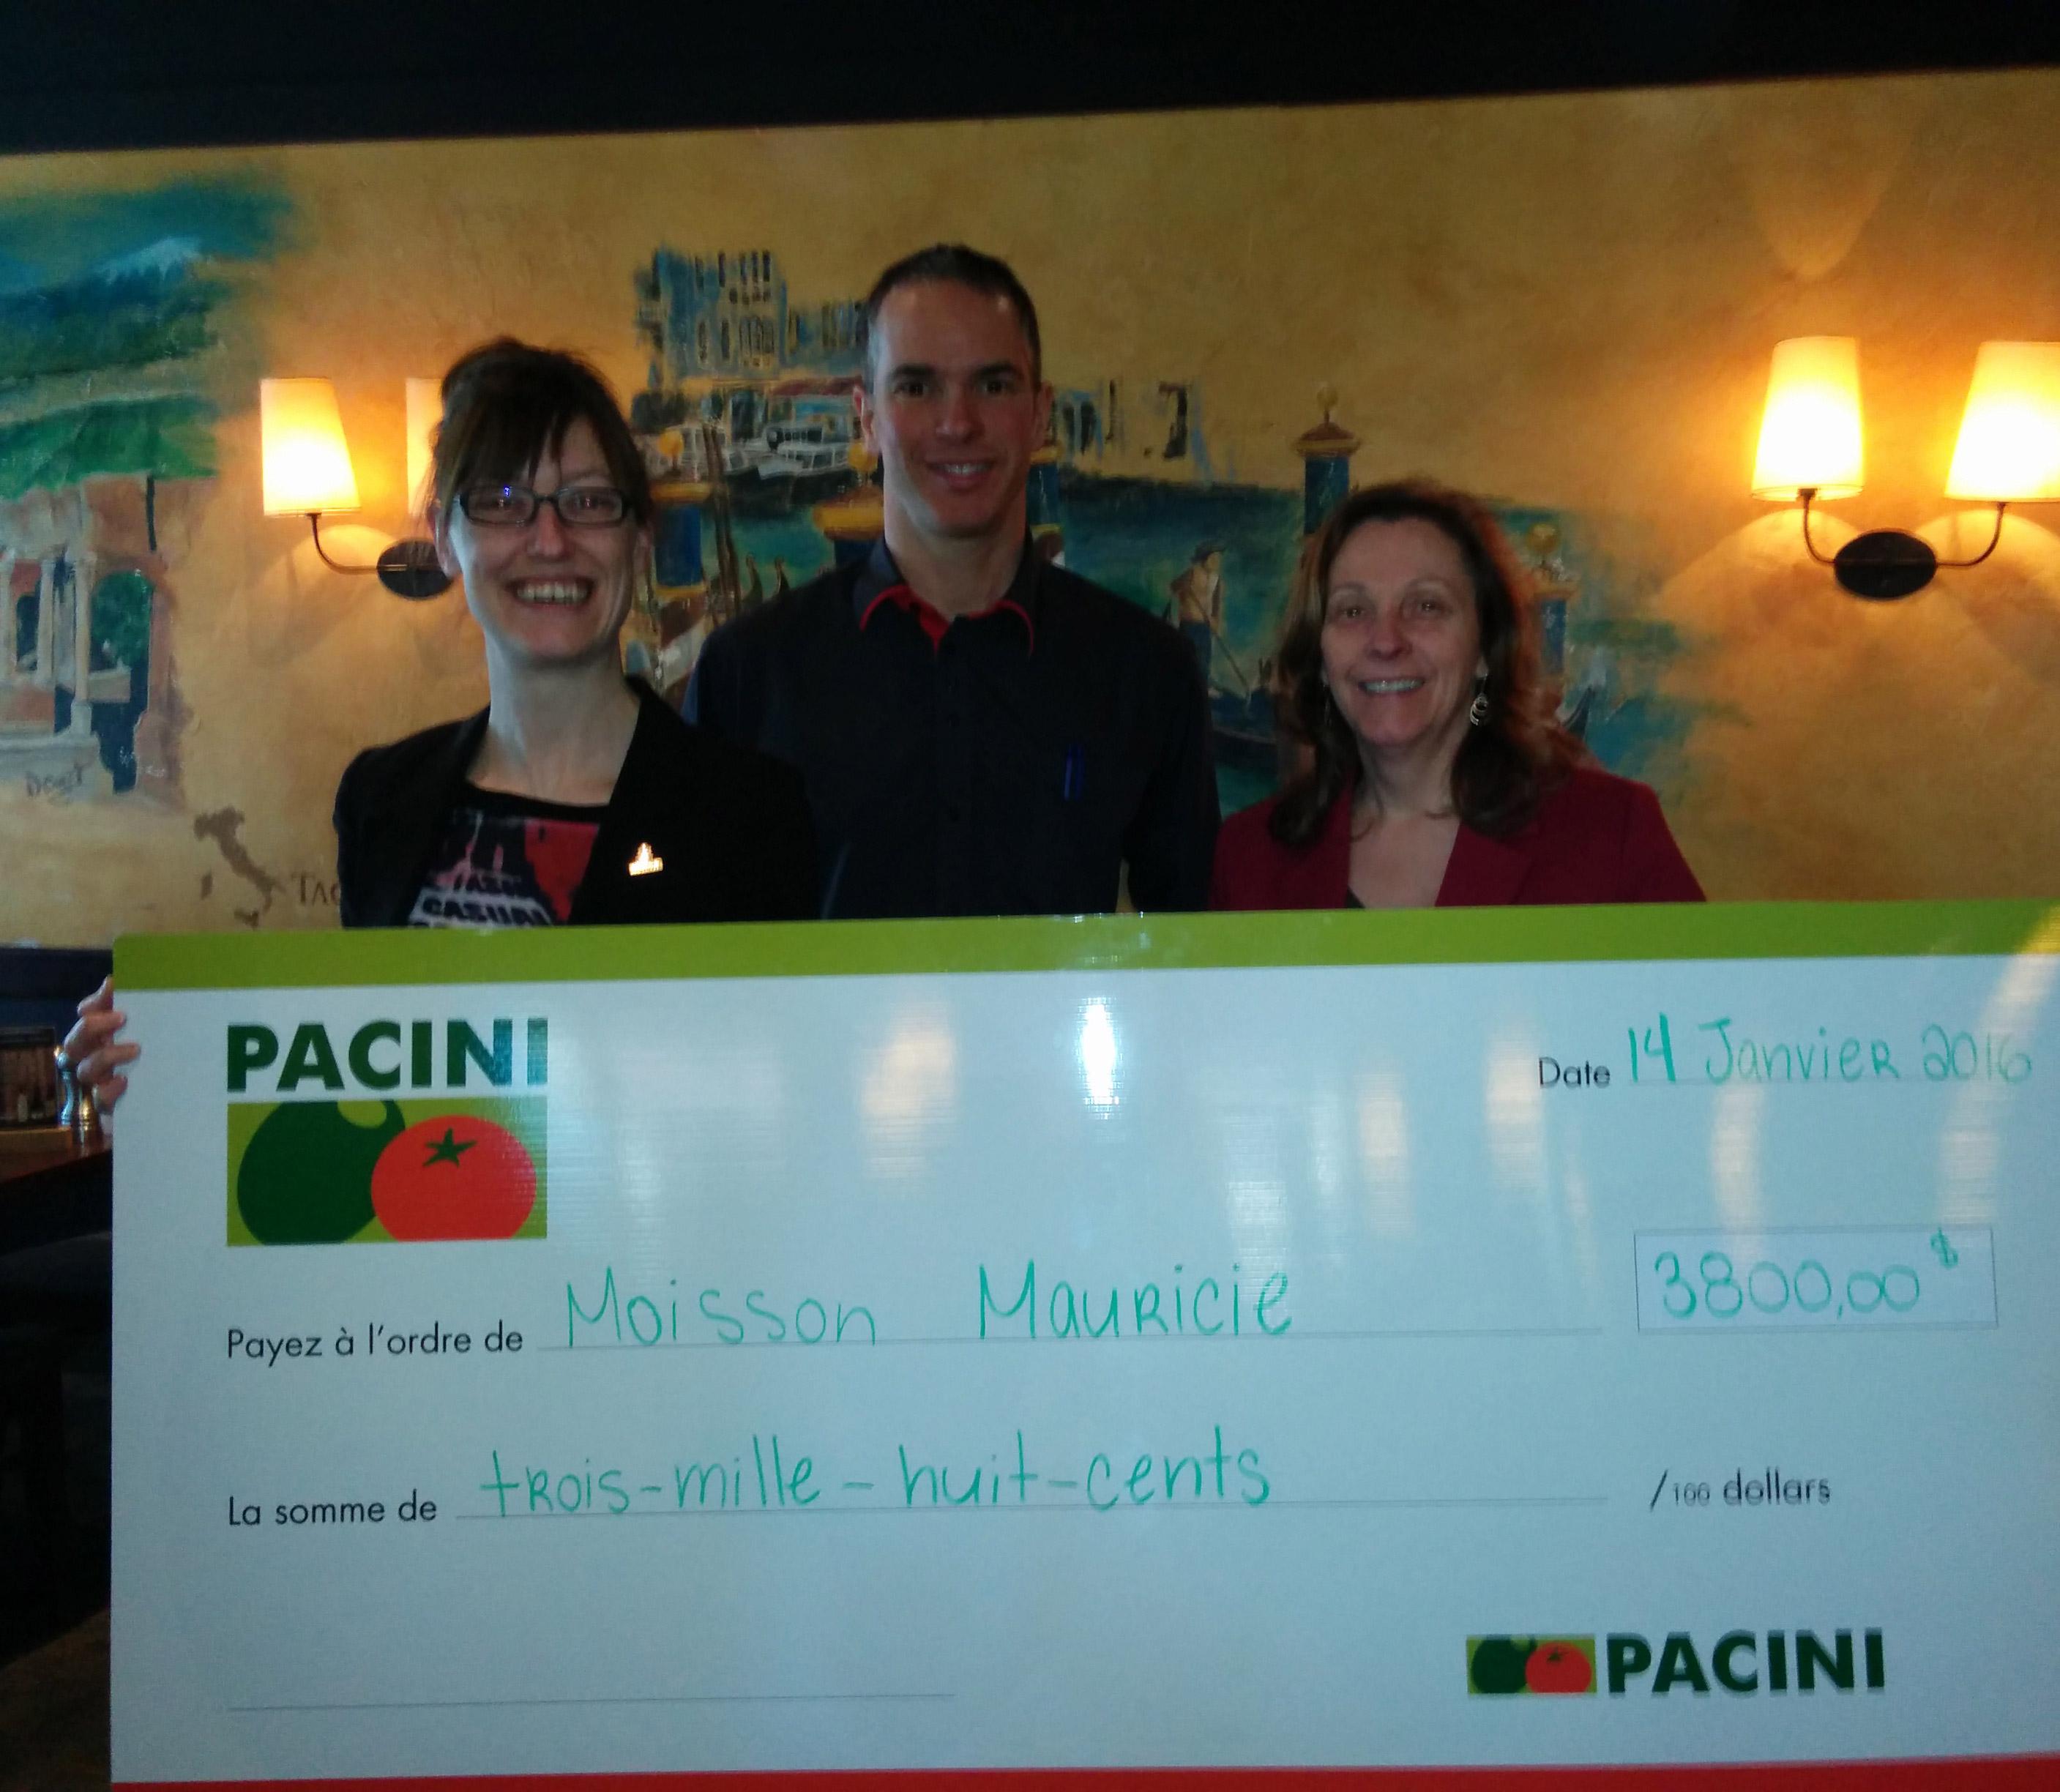 Un don de 3 800 $ pour Moisson et un partenariat avec Pacini qui se poursuit